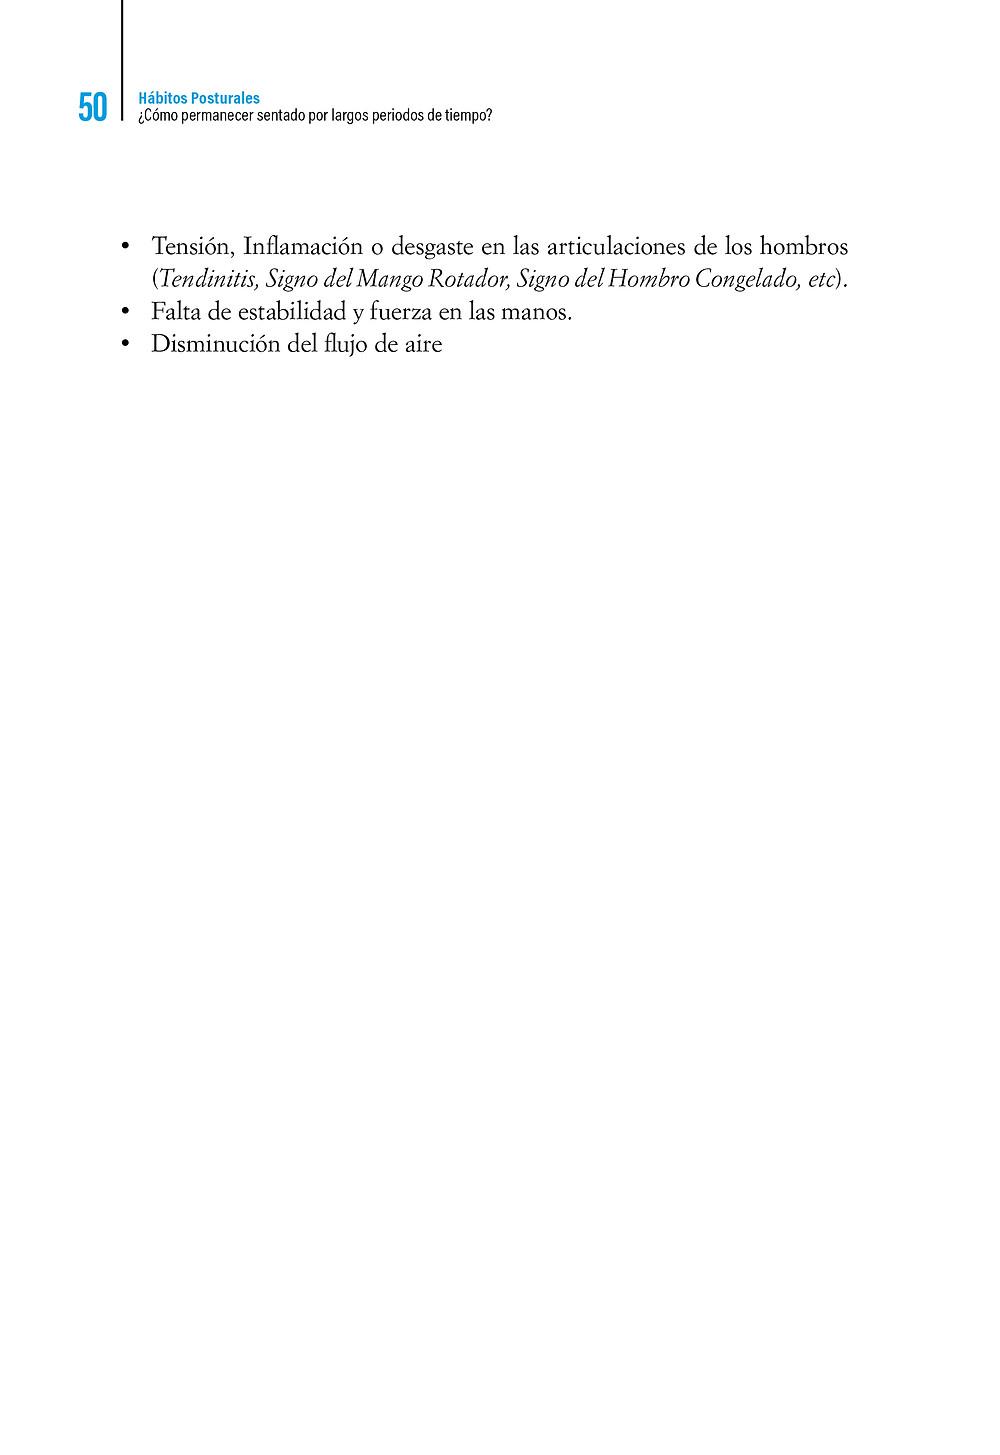     Libro Hábitos Posturales ¿Cómo permanecer sentado por largos períodos de tiempo ? Posición de los omóplatos y hombros 2